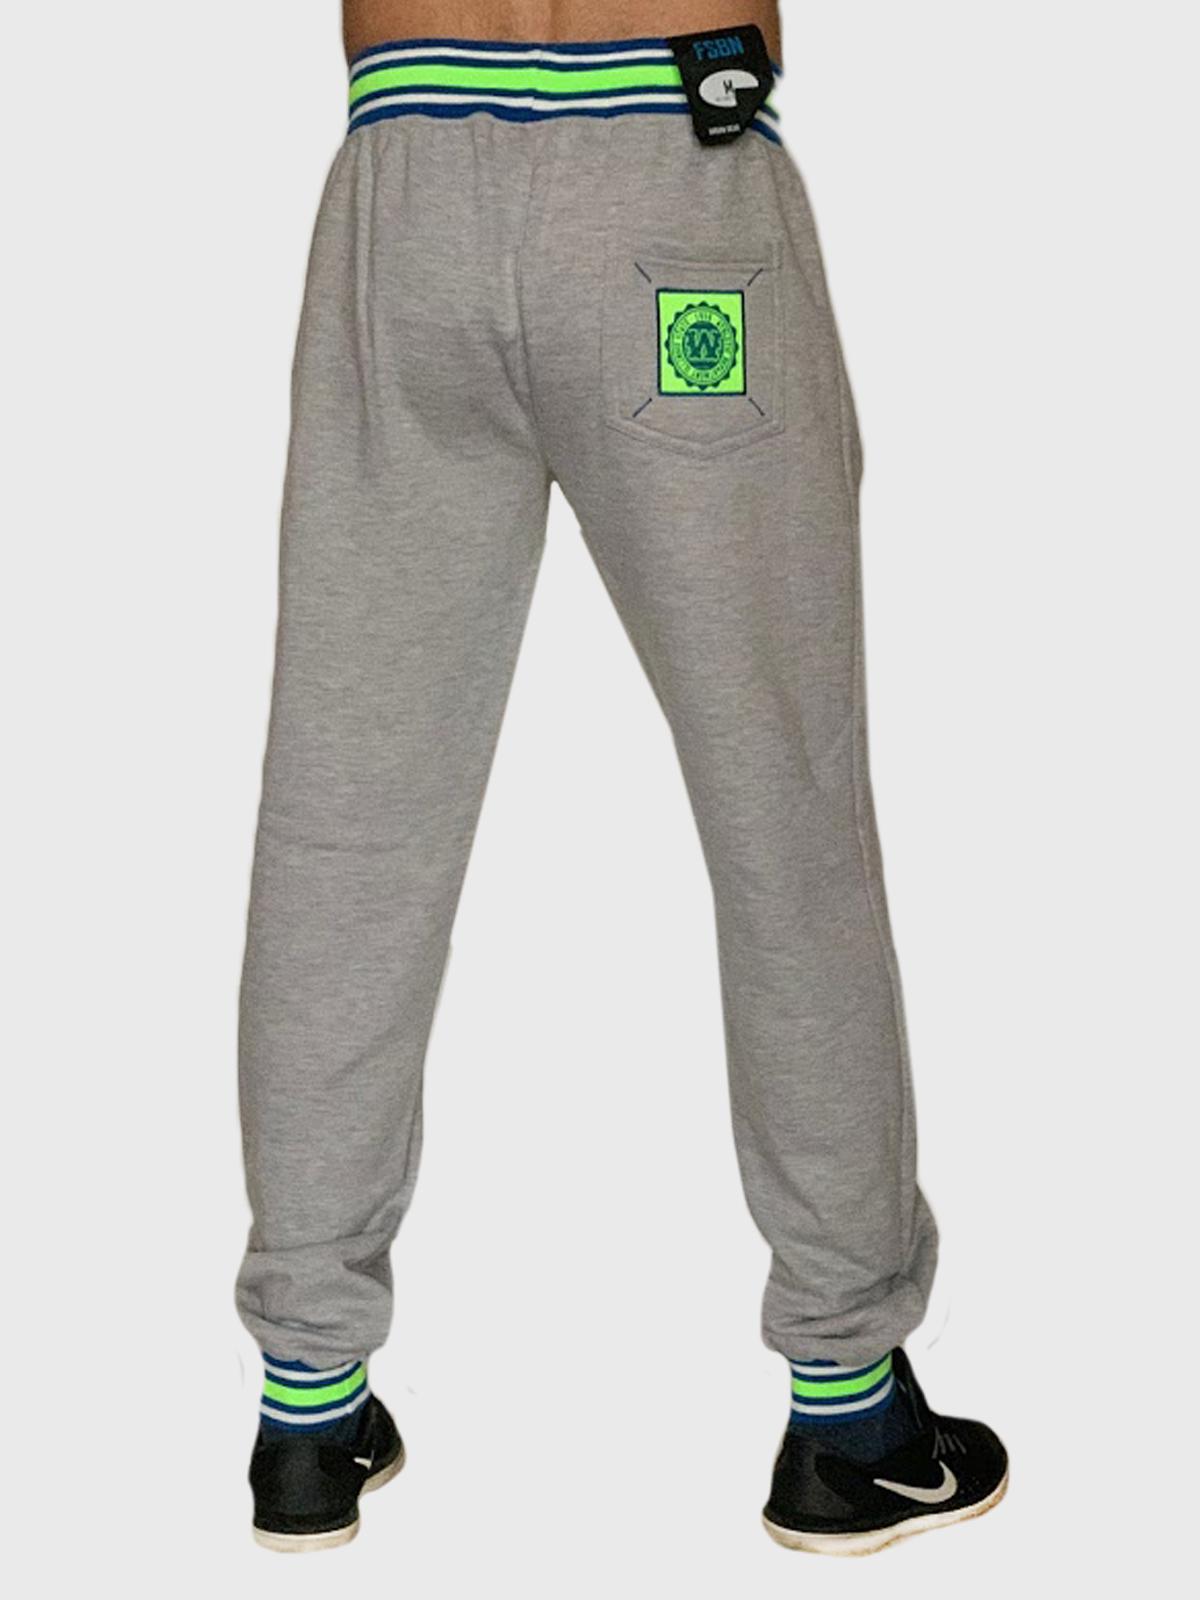 Купить в Москве молодежные спортивные штаны на резинке